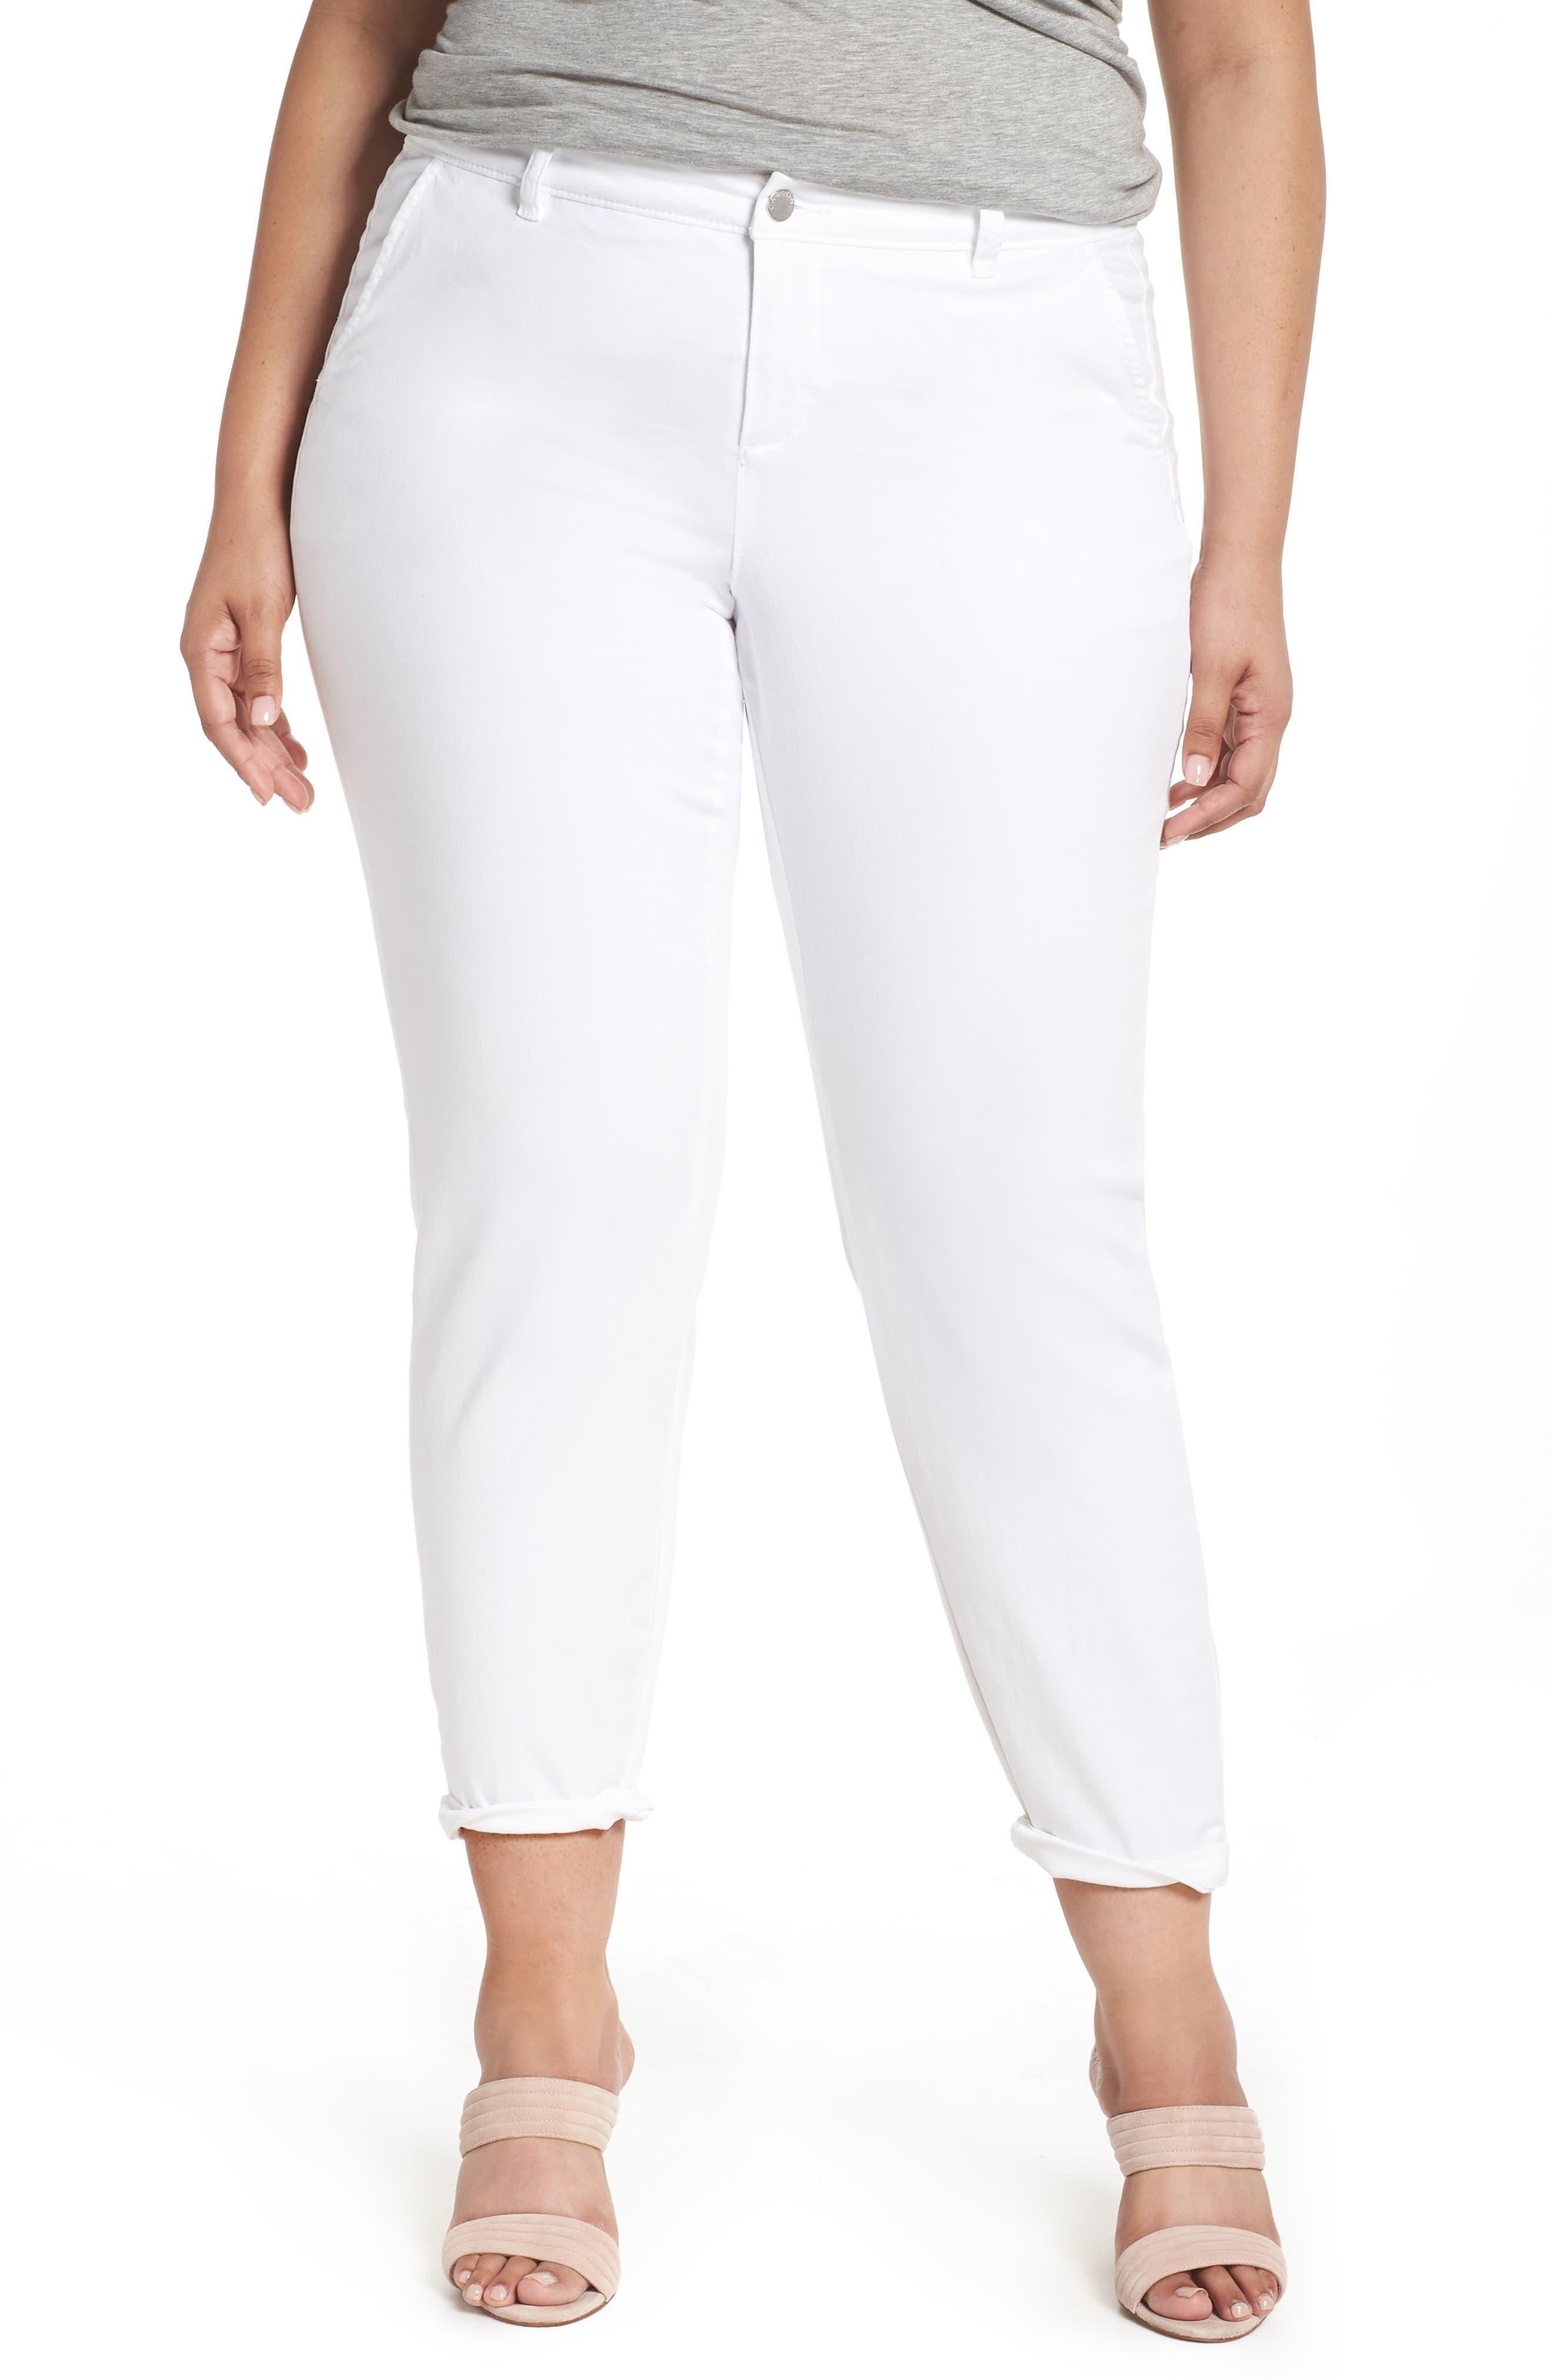 Boyfriend Stretch Cotton Chino Pants,                             Main thumbnail 1, color,                             White